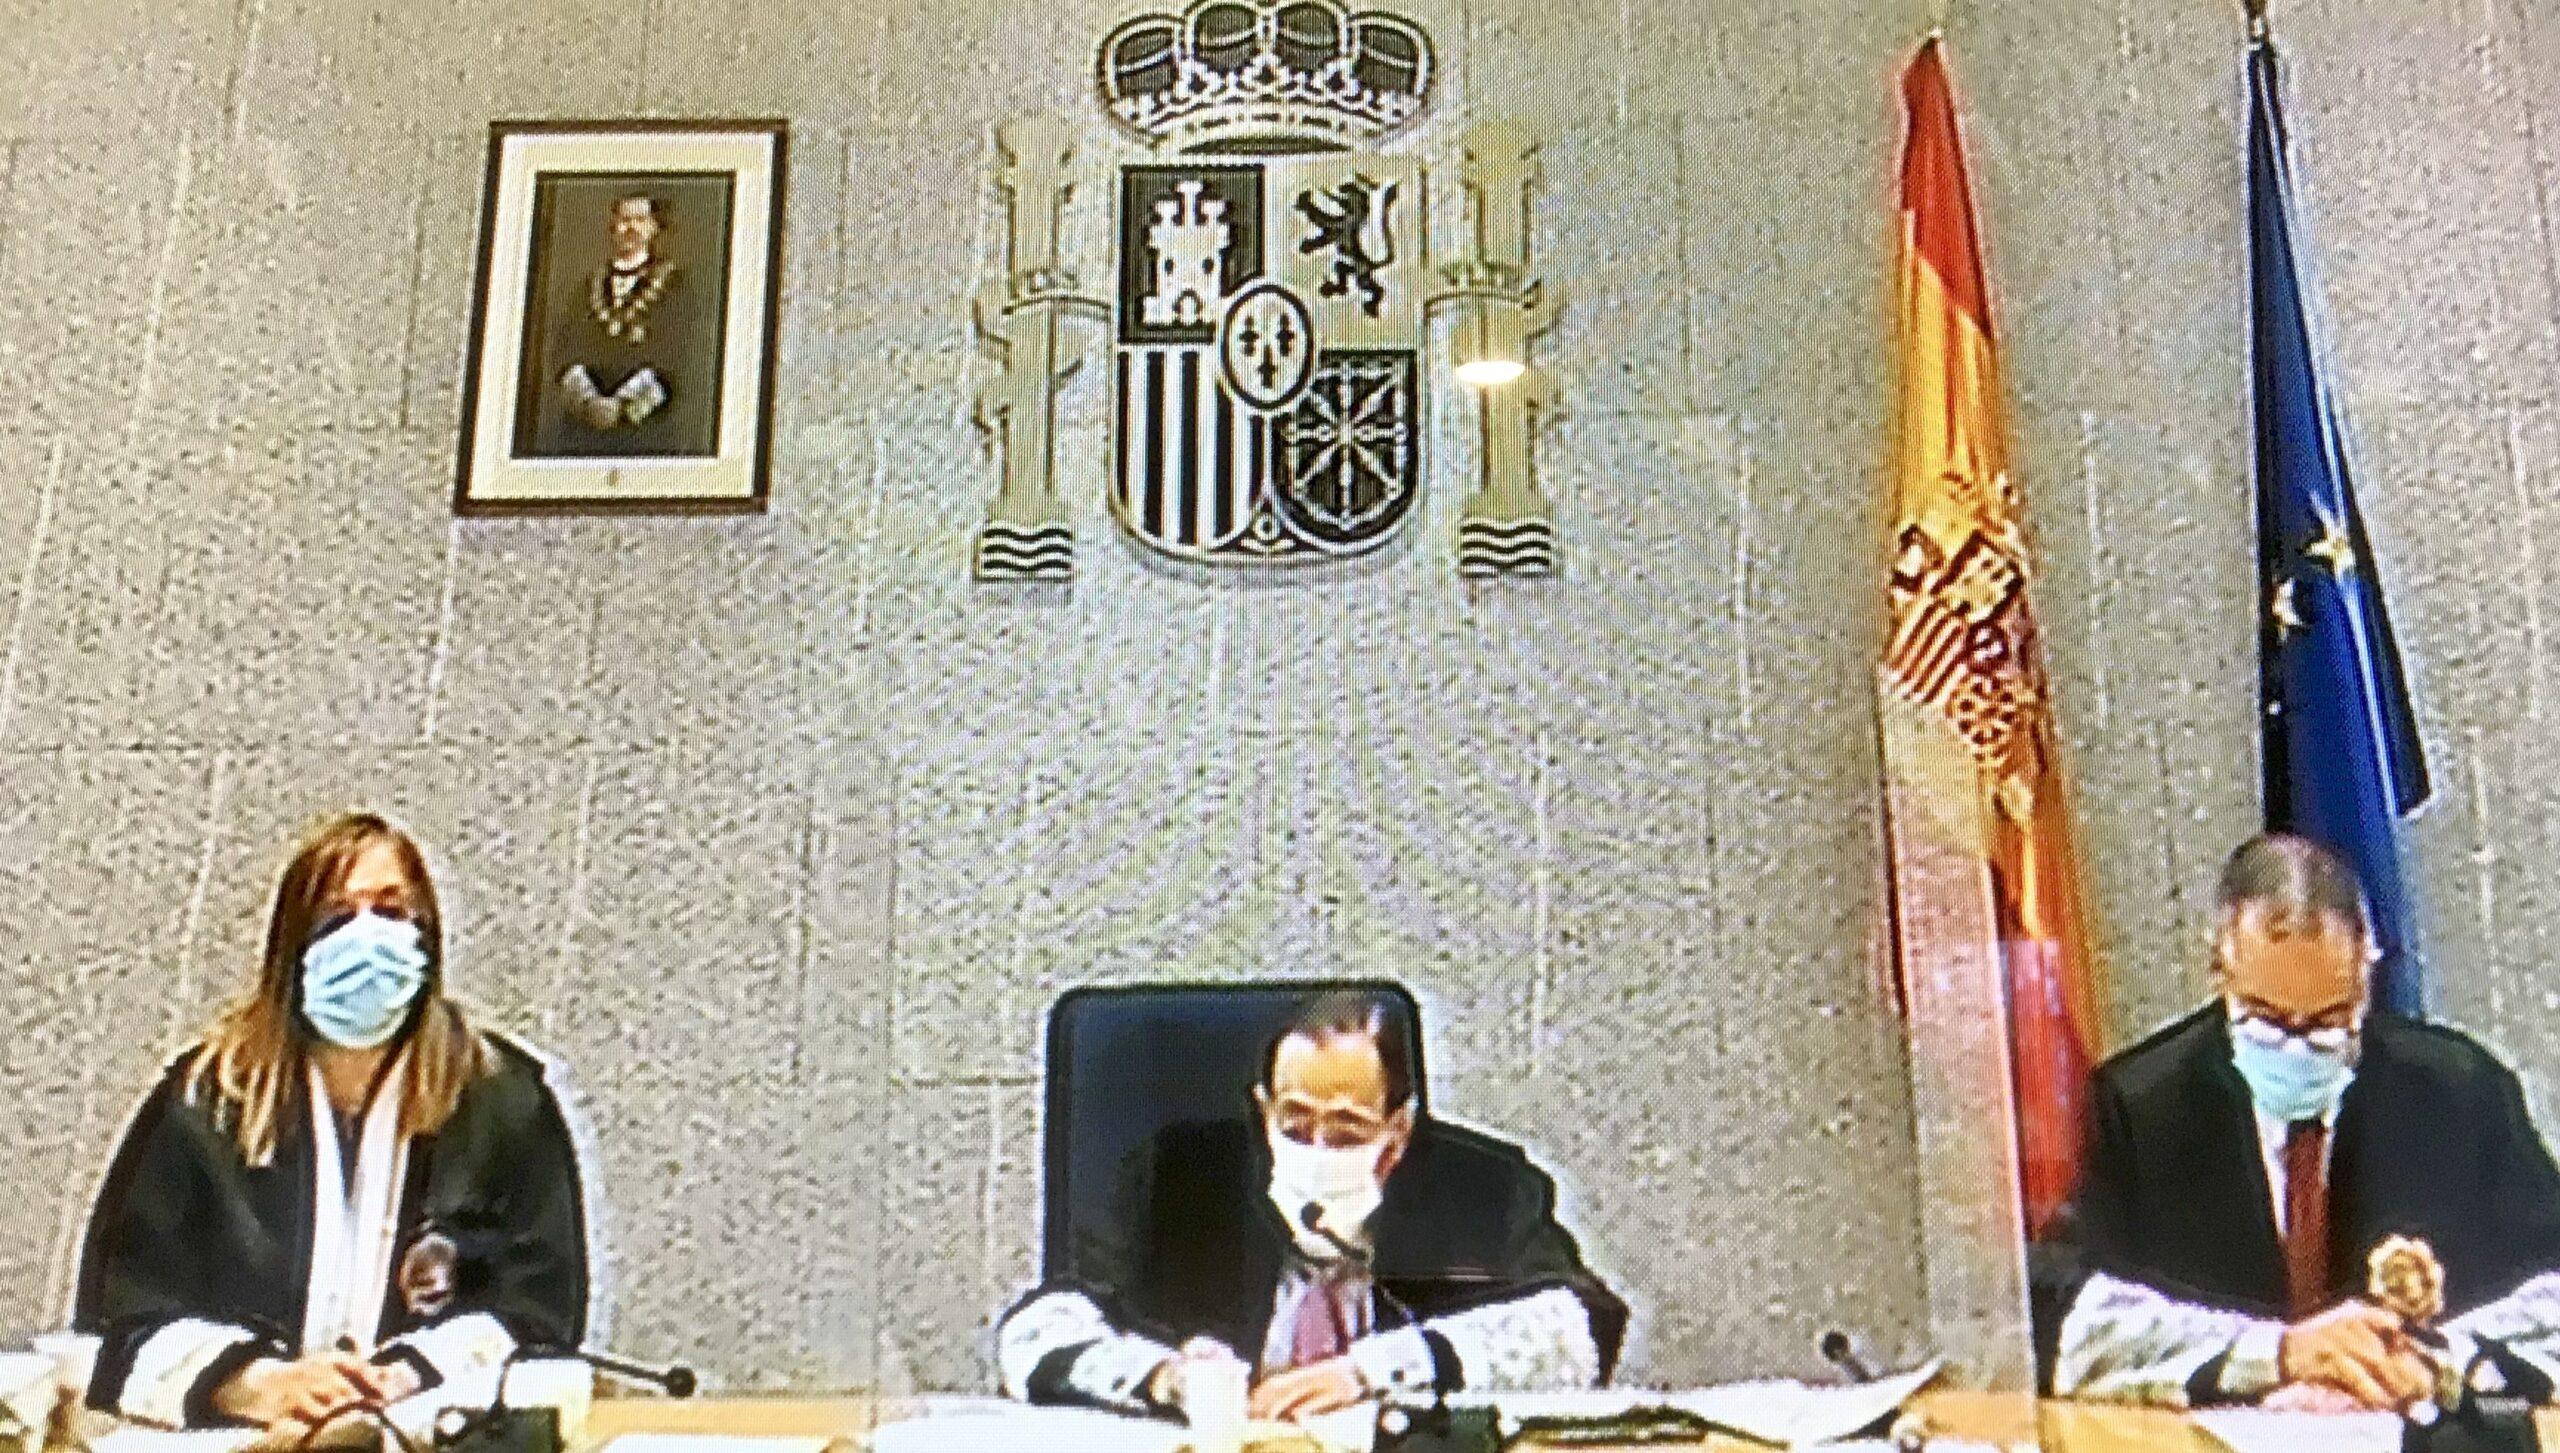 El tribunal presidit per Guevara aquest matí